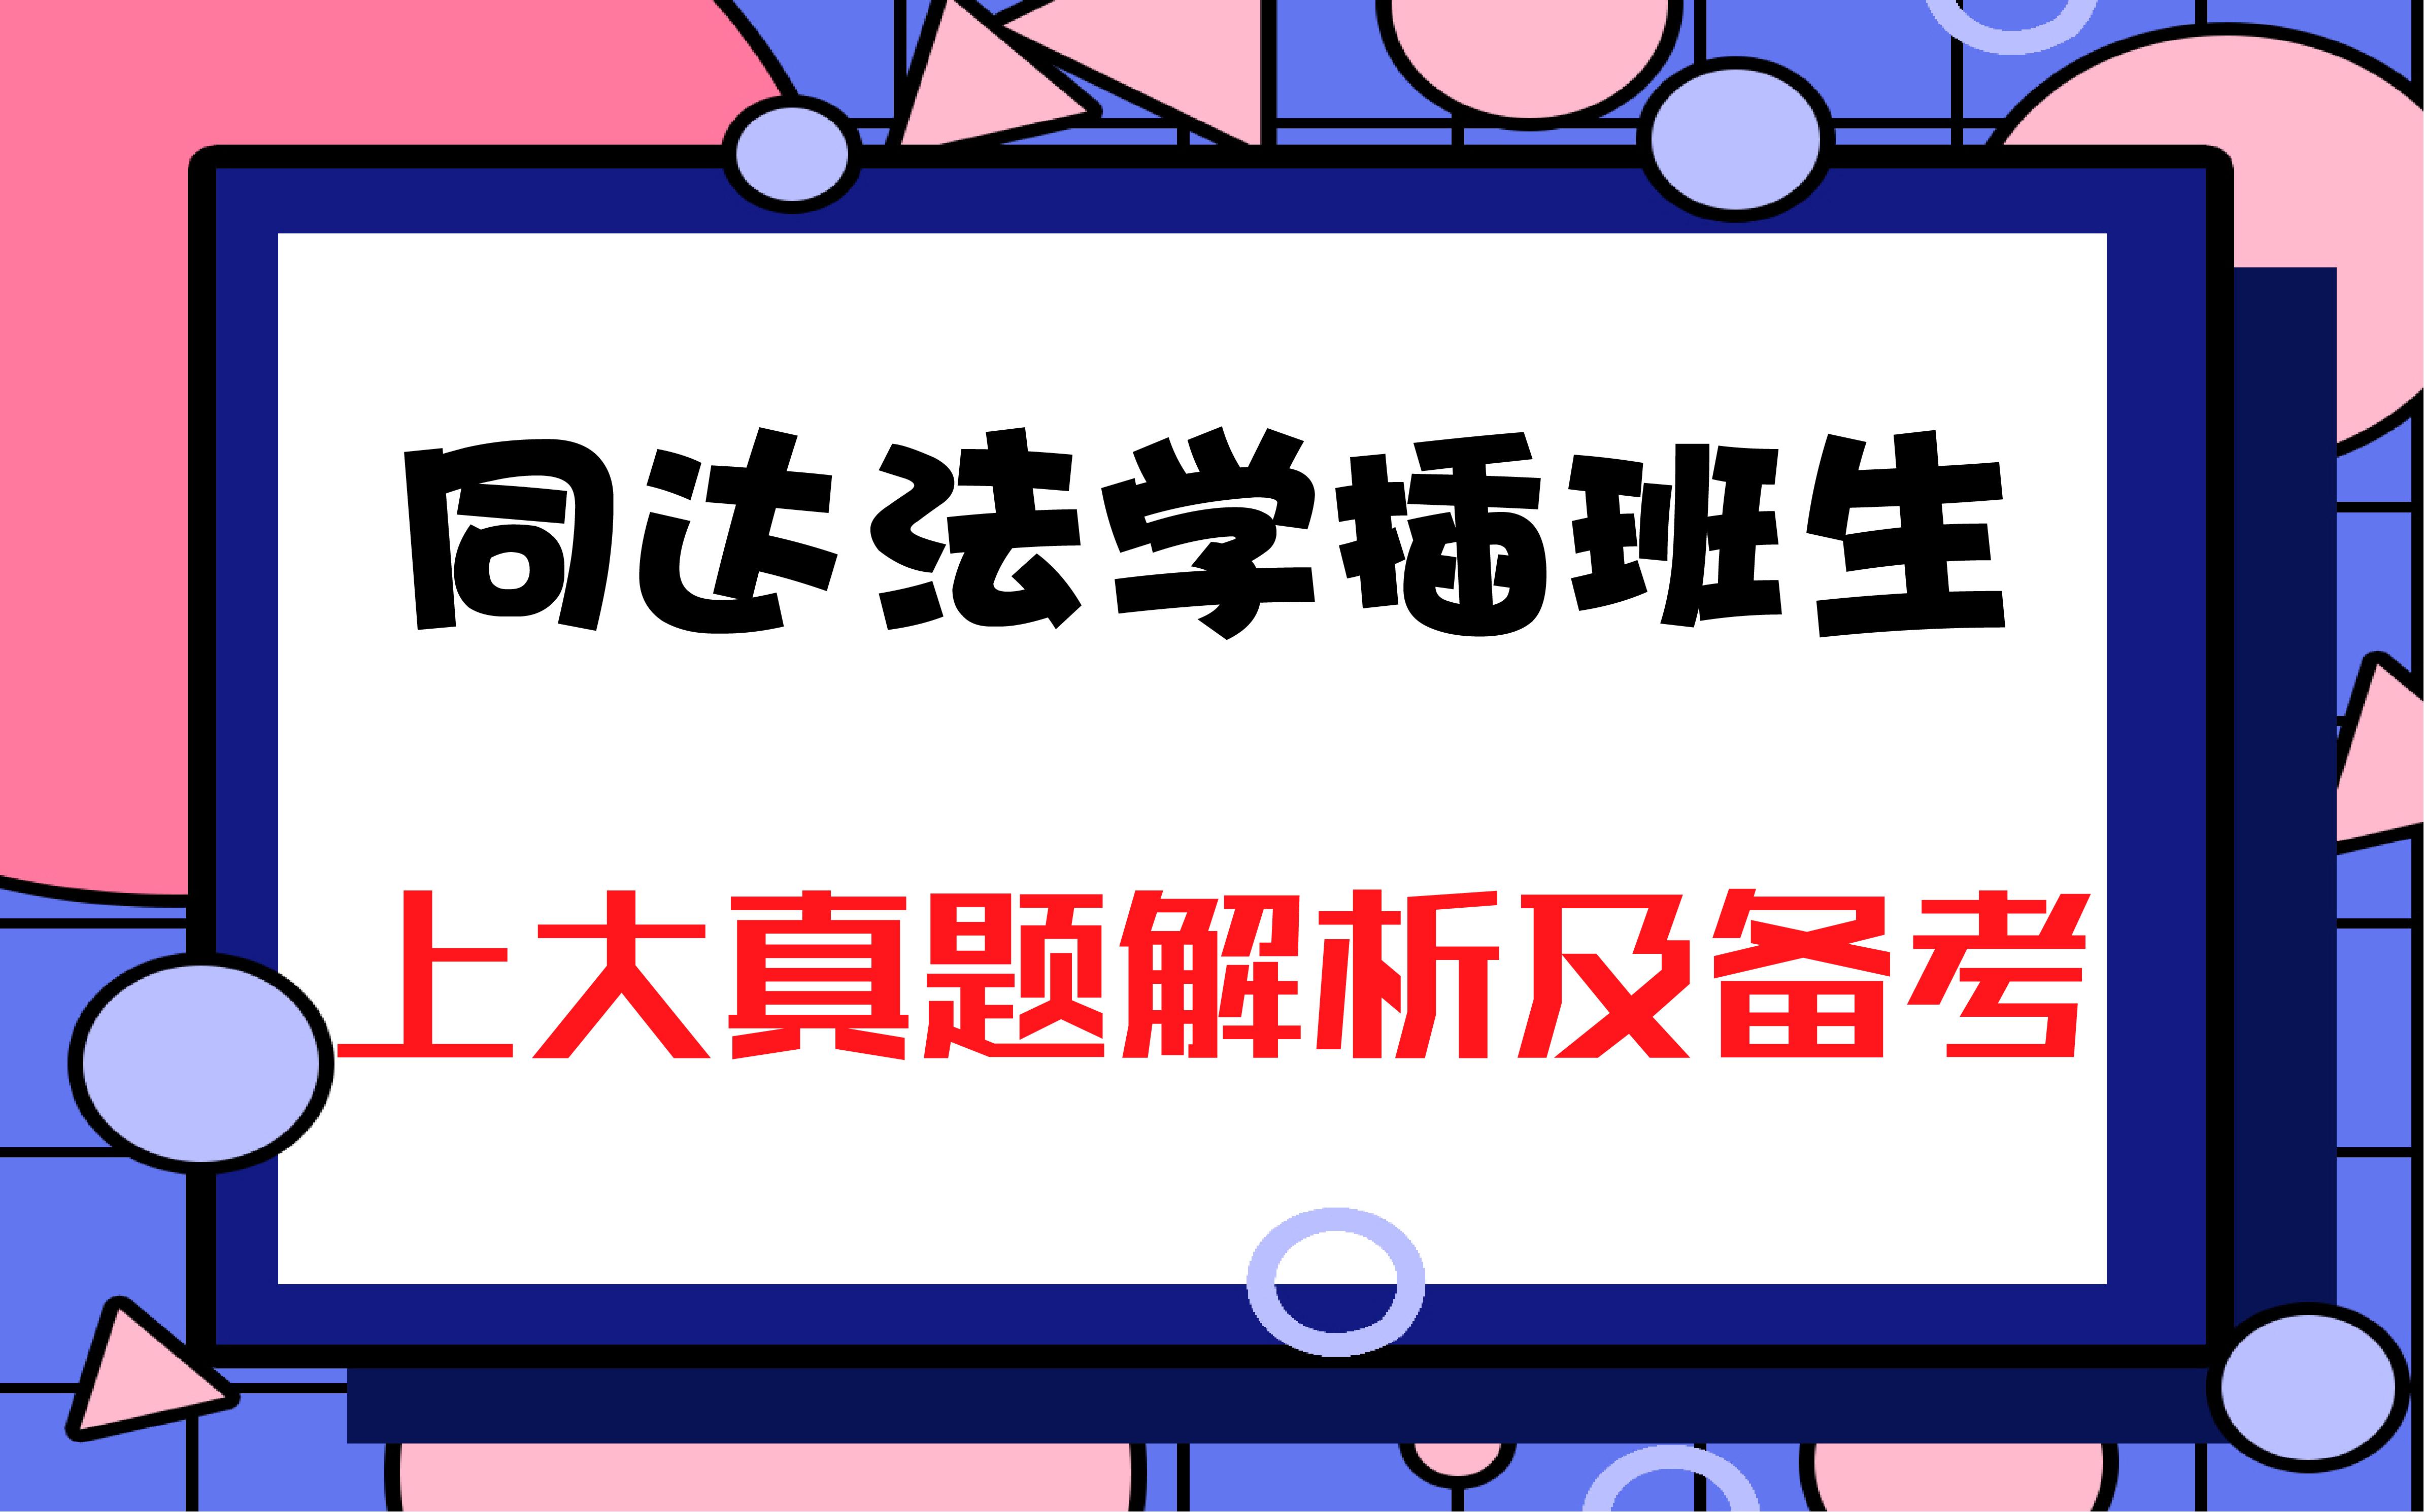 法学插班生-02.jpg